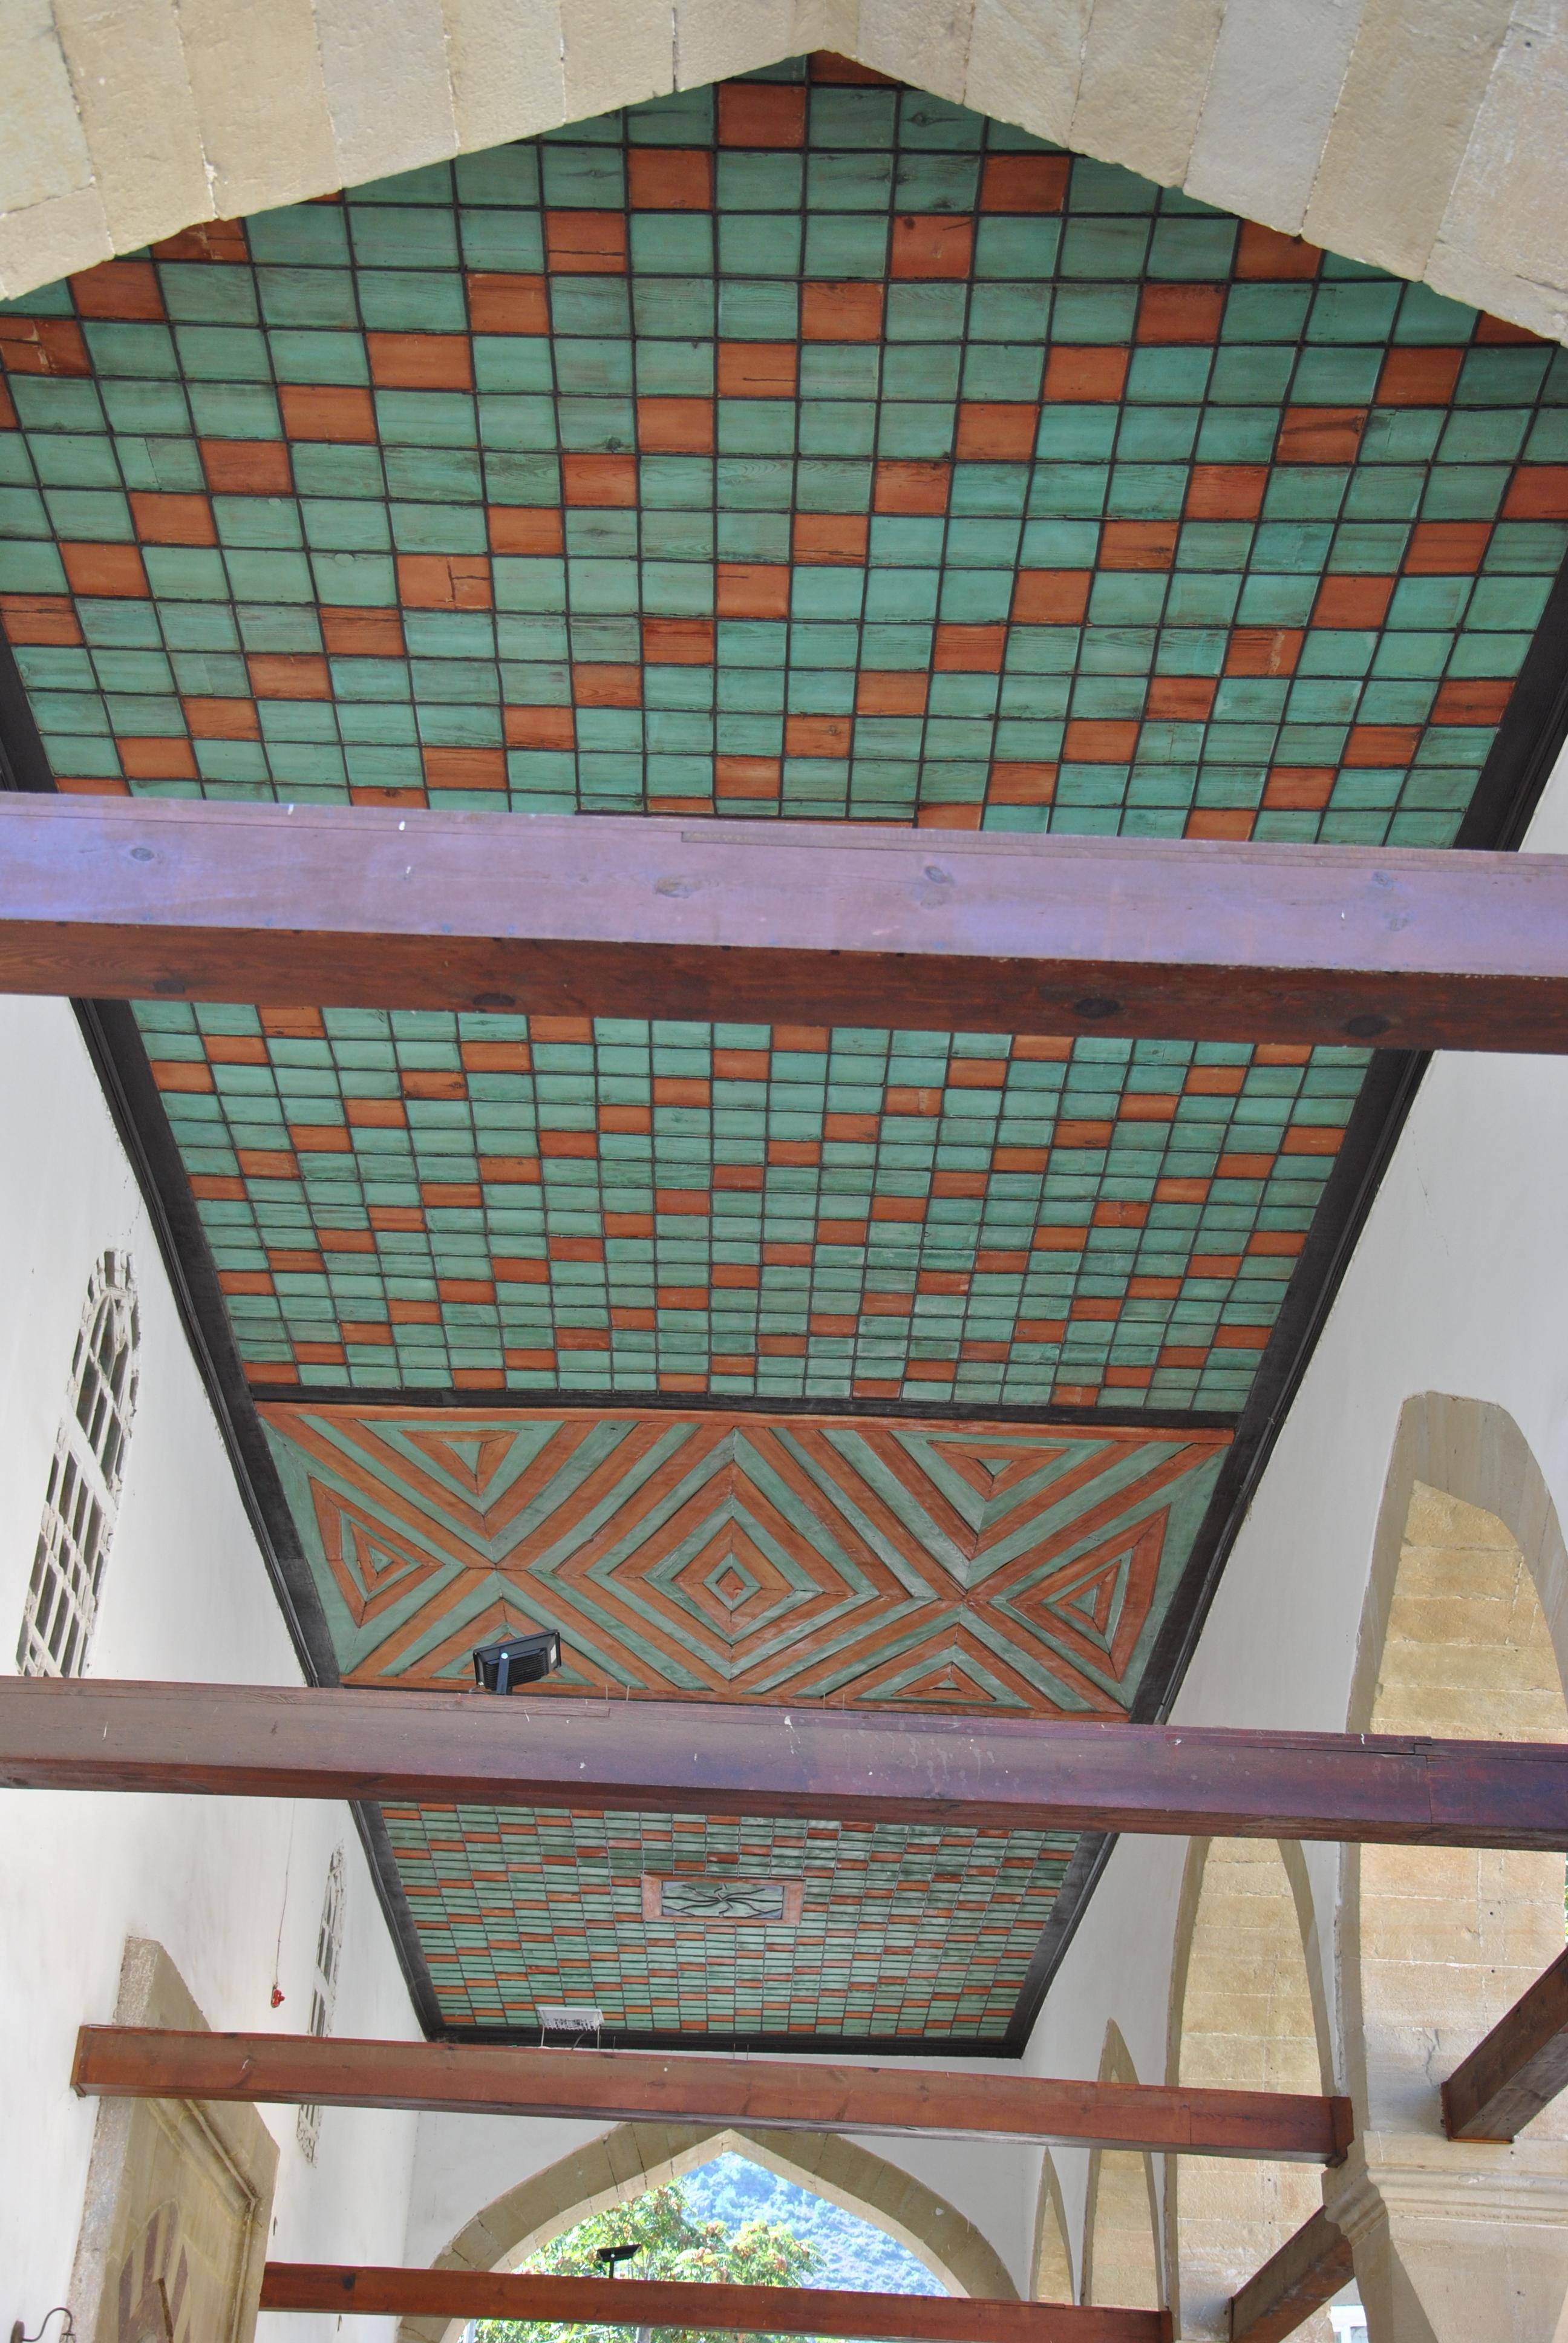 Fotoğraf 12. Rüstem Paşa Camii'nin son cemaat yeri tavan düzeni.